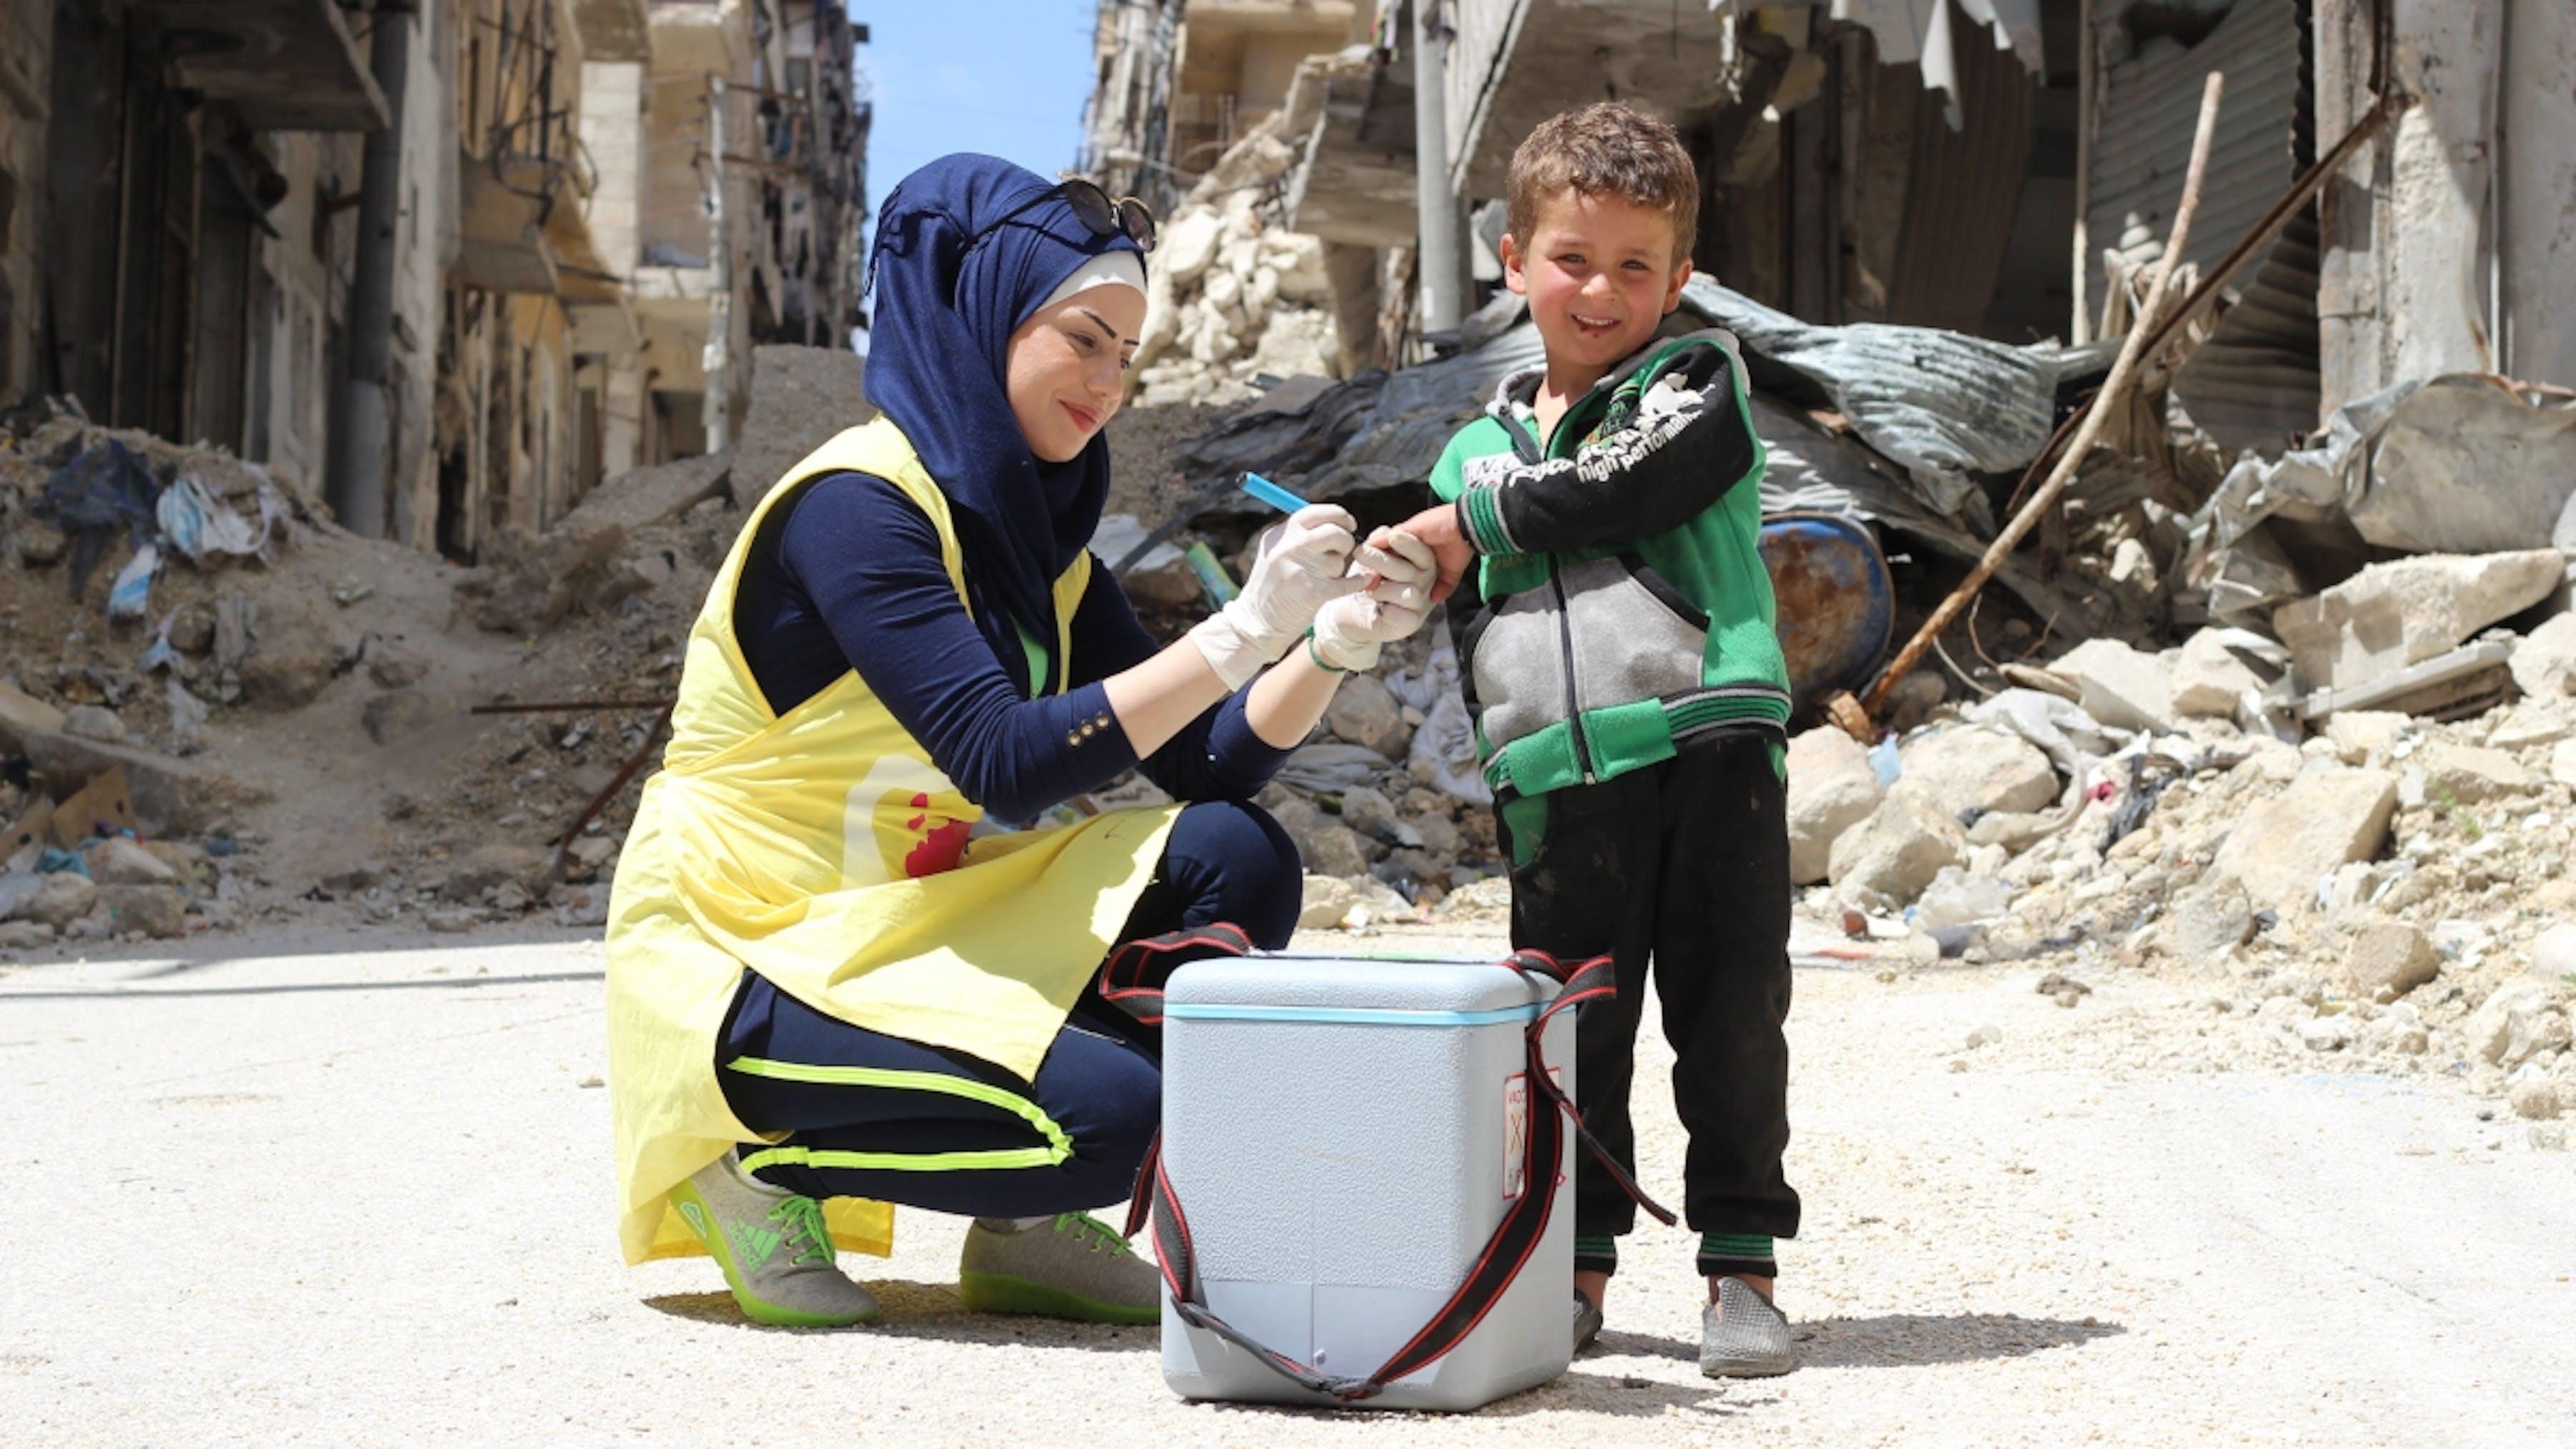 Siria, un operatrice sanitaria vaccina Yousef, di 5 anni nel quartiere di Hulluk ad Aleppo